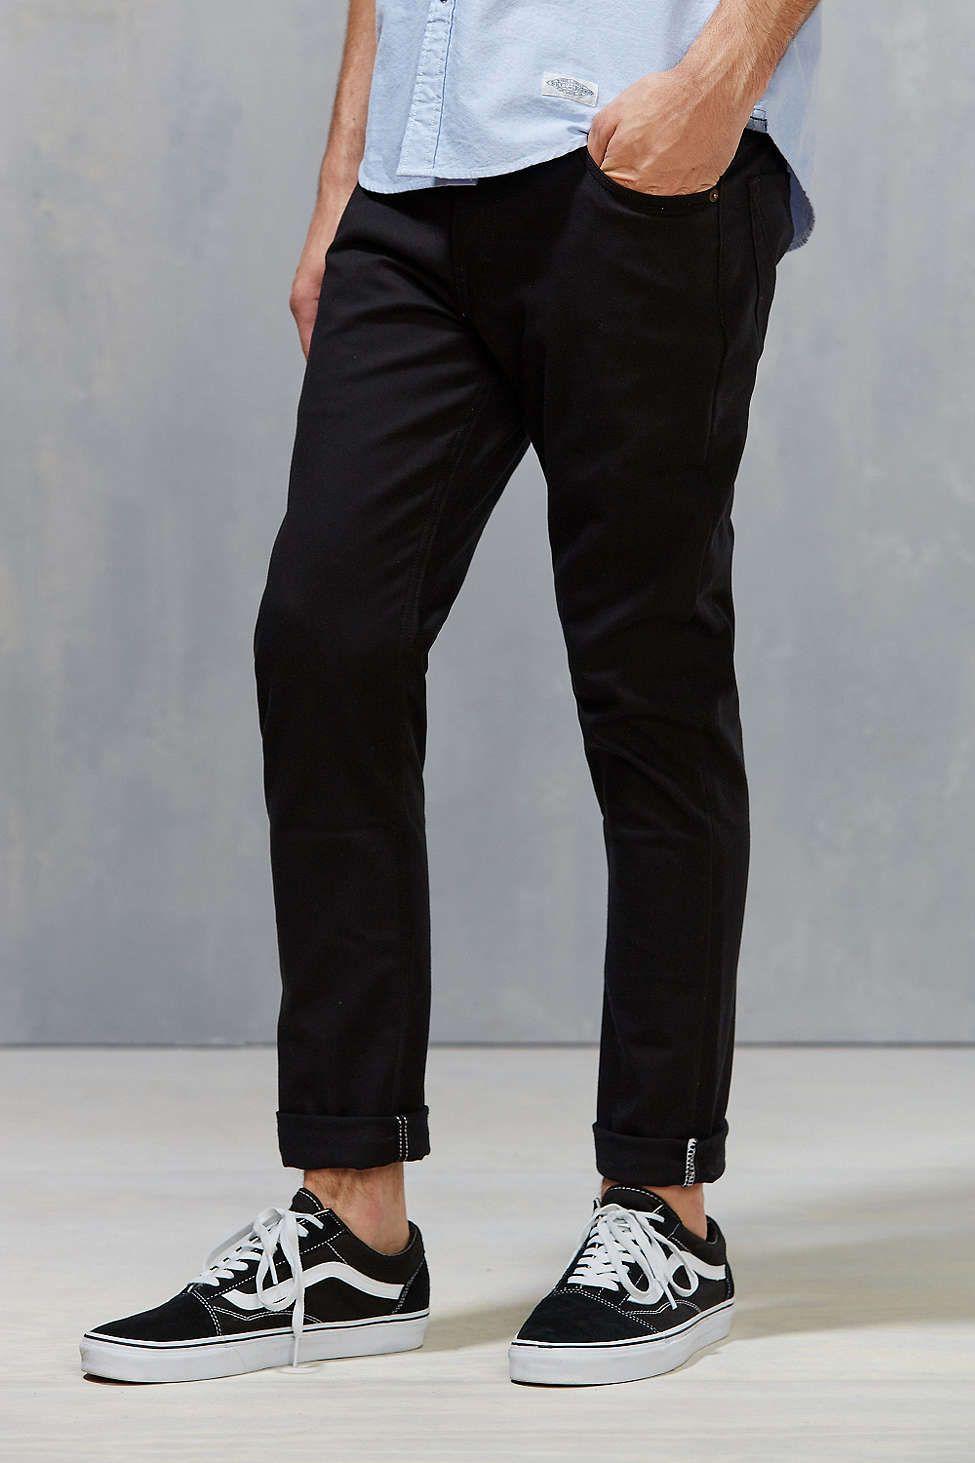 Dickies 5pocket skinny pant skinny fit pants skinny